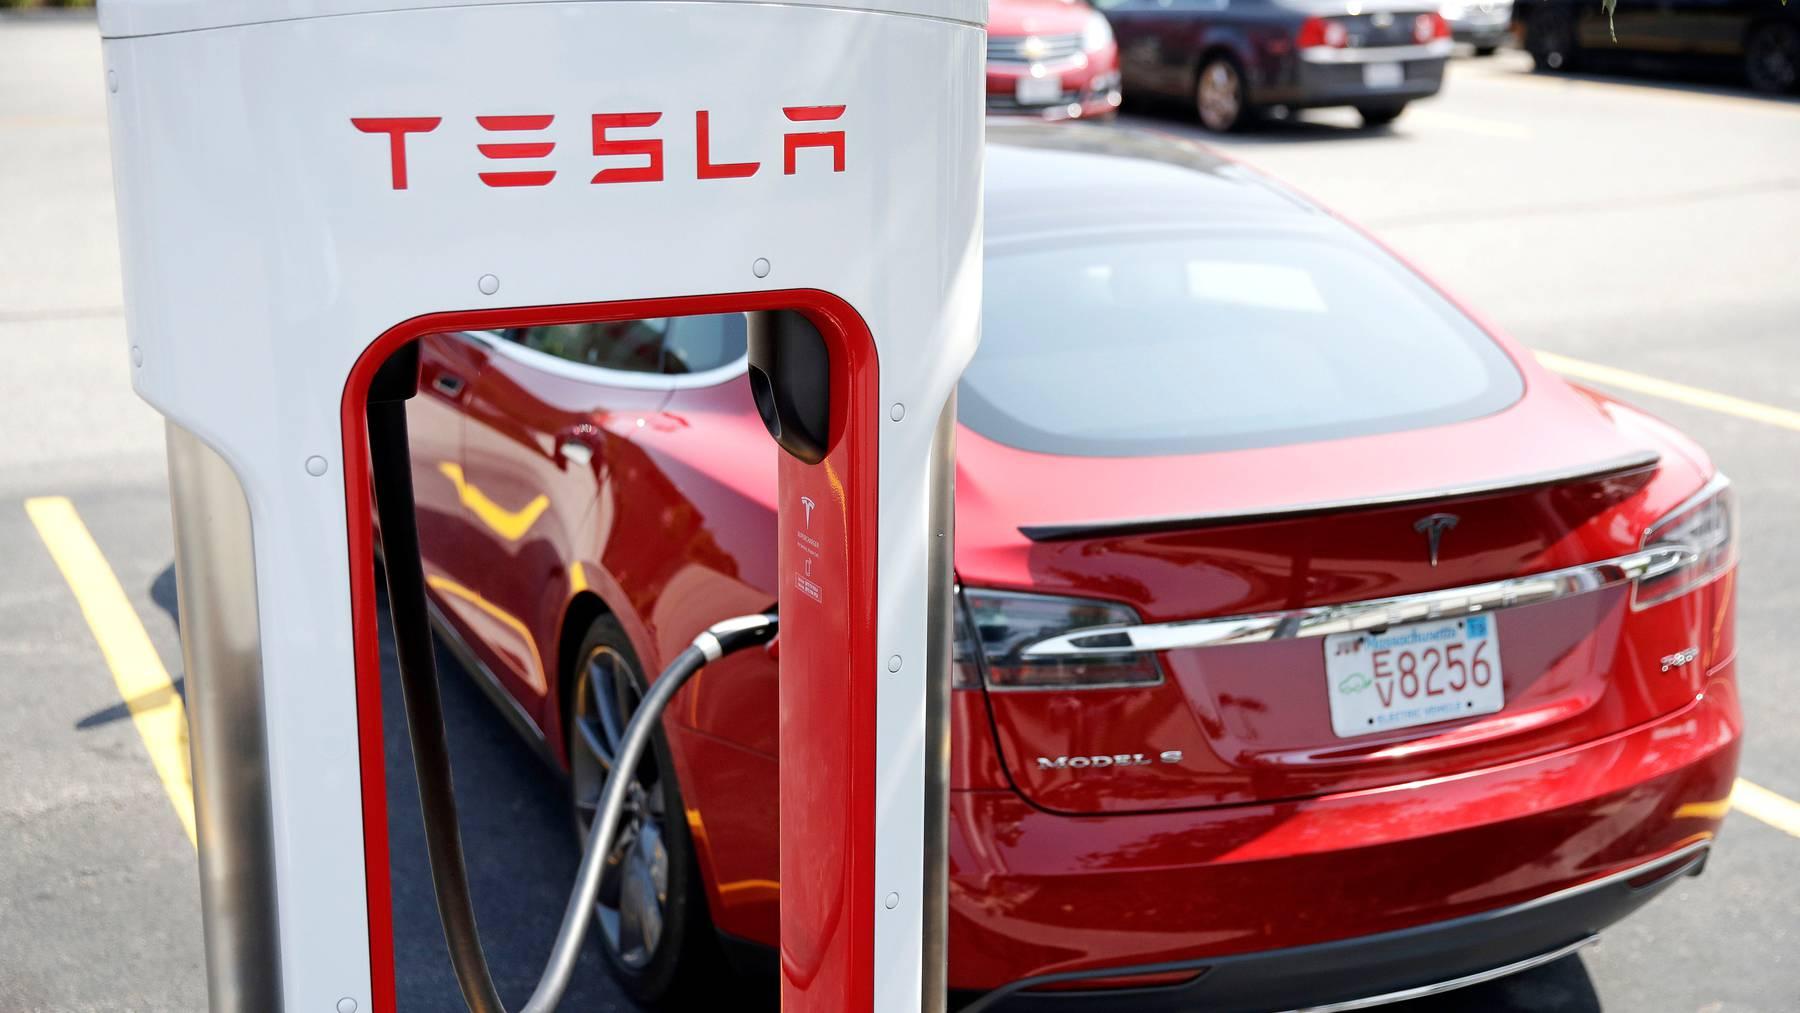 Die Aktien des Automobilherstellers Tesla gehörten 2020 zu den weltweit grössten Gewinnern an der Börse.